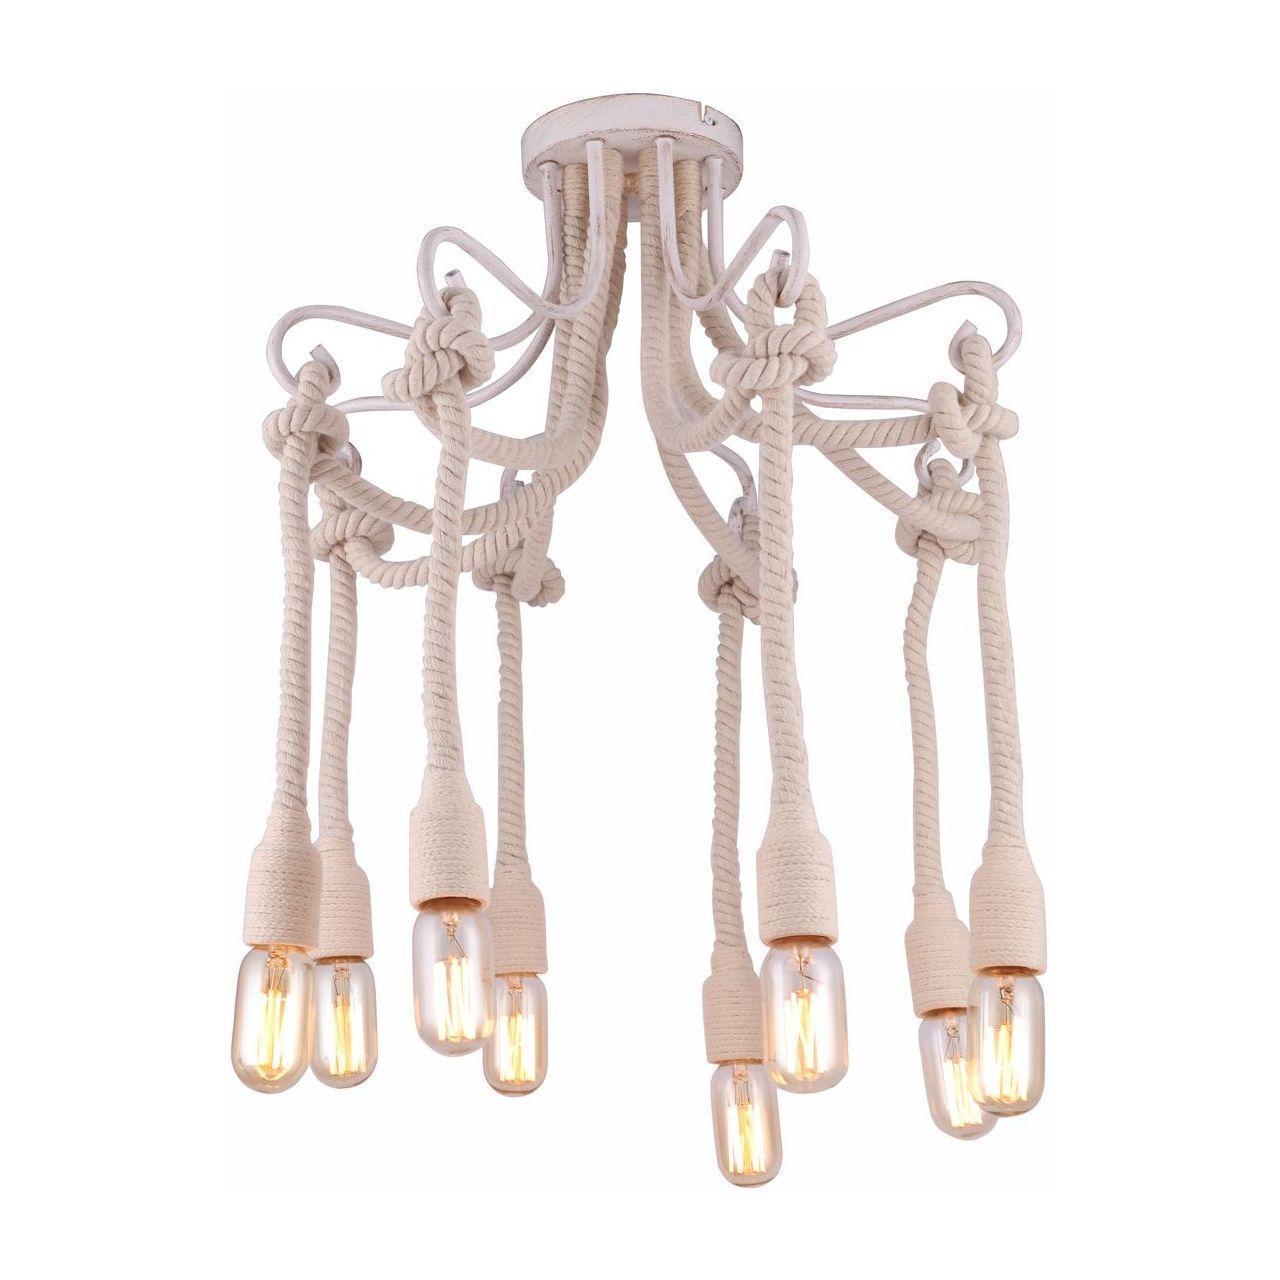 Люстра Arte Lamp A9477PL-8WG потолочная arte lamp a9395lm 8wg